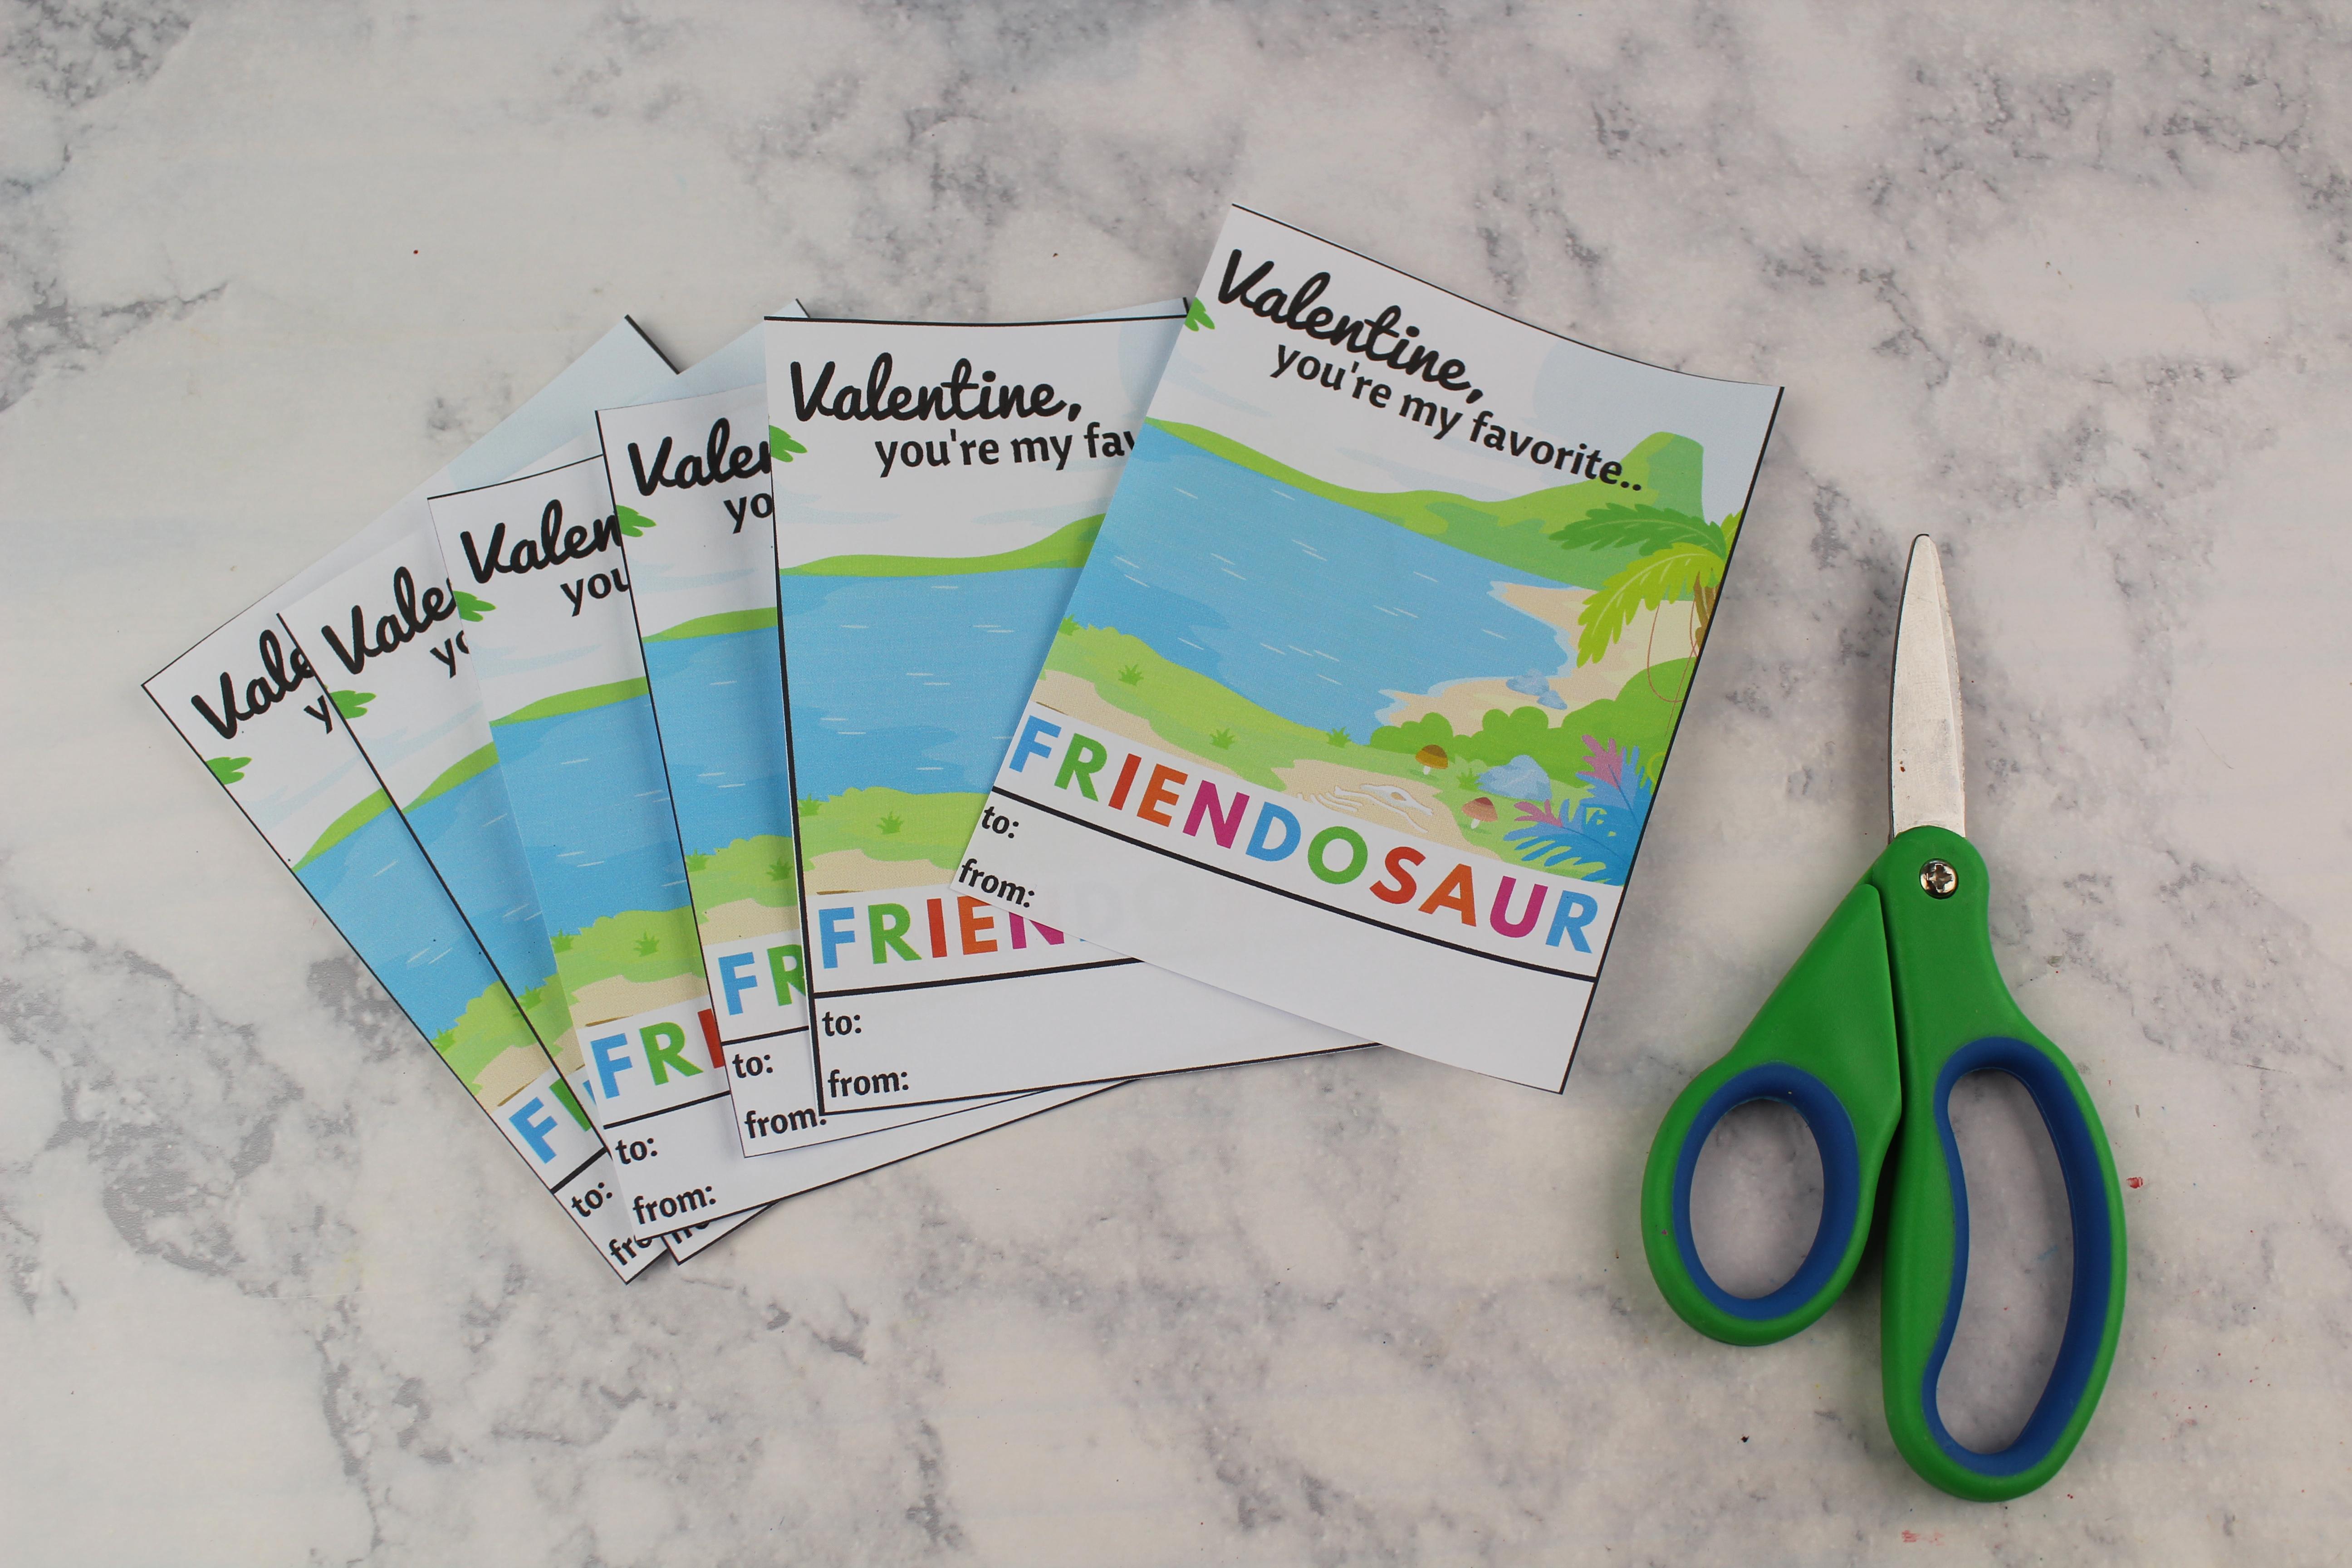 friendosaur-Valentine-Printable-Card-Dinosaur